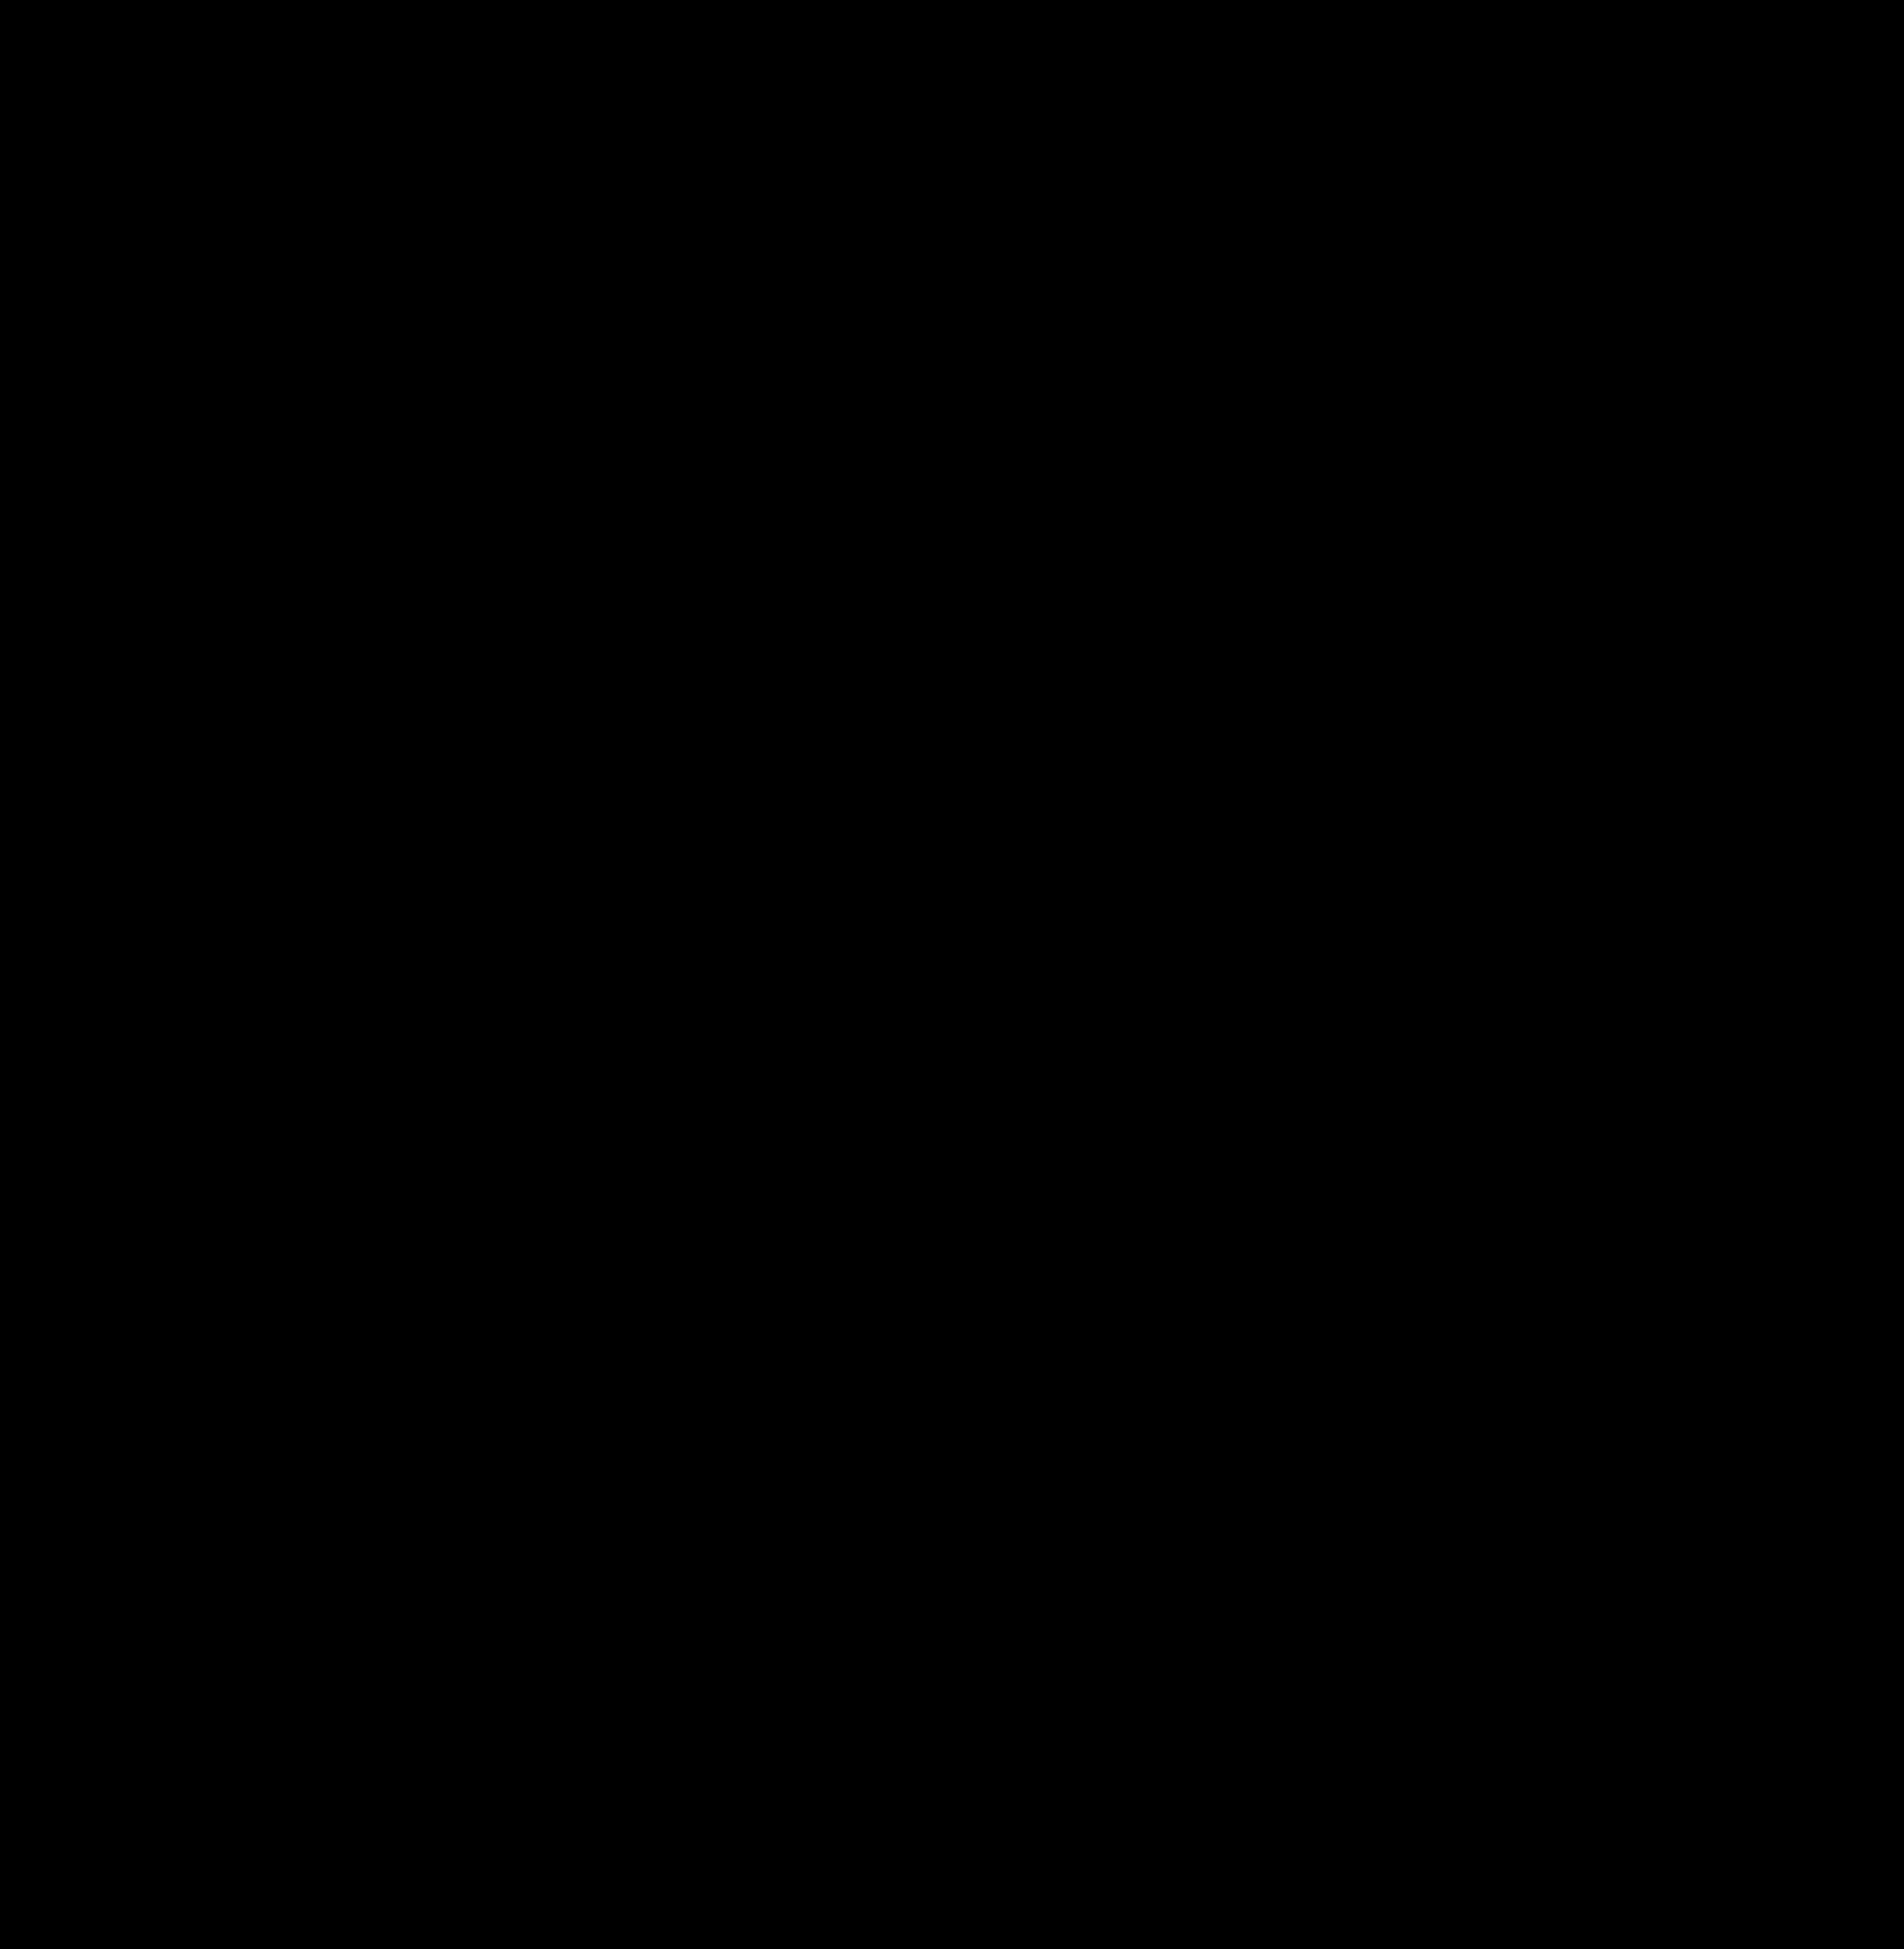 rhapsody labs logo